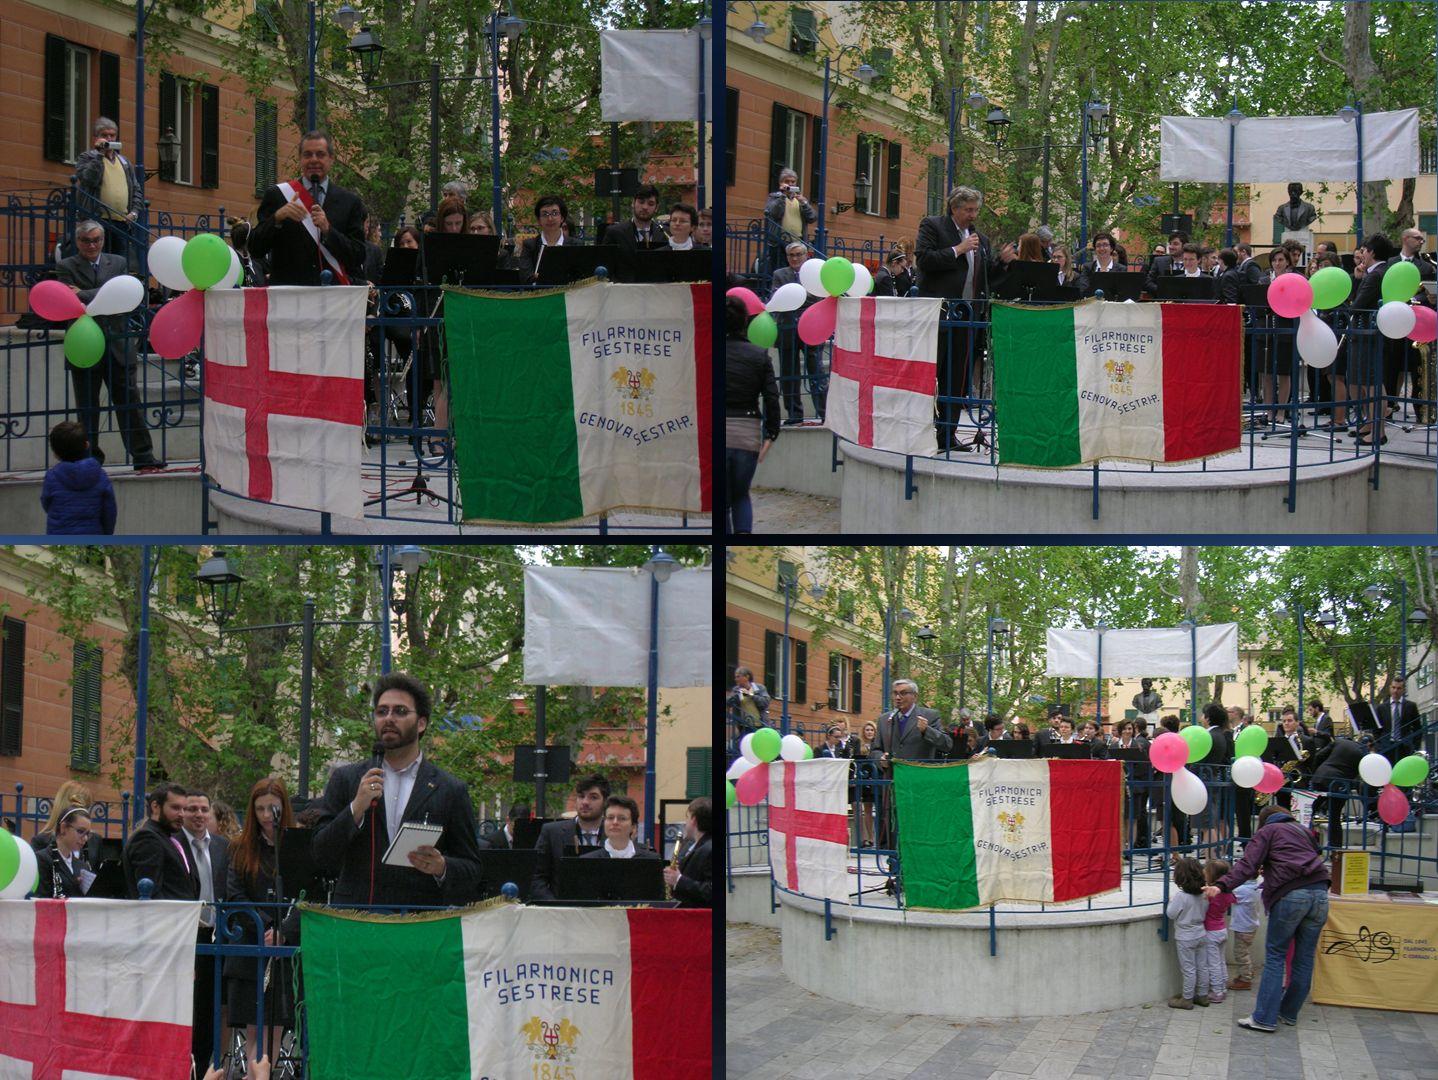 Concerto della Filarmonica Sestrese,  sul nuovo Circolo della Musica di Piazza Tazzoli ristrutturata, in onore dei Partigiani caduti per la libertà.